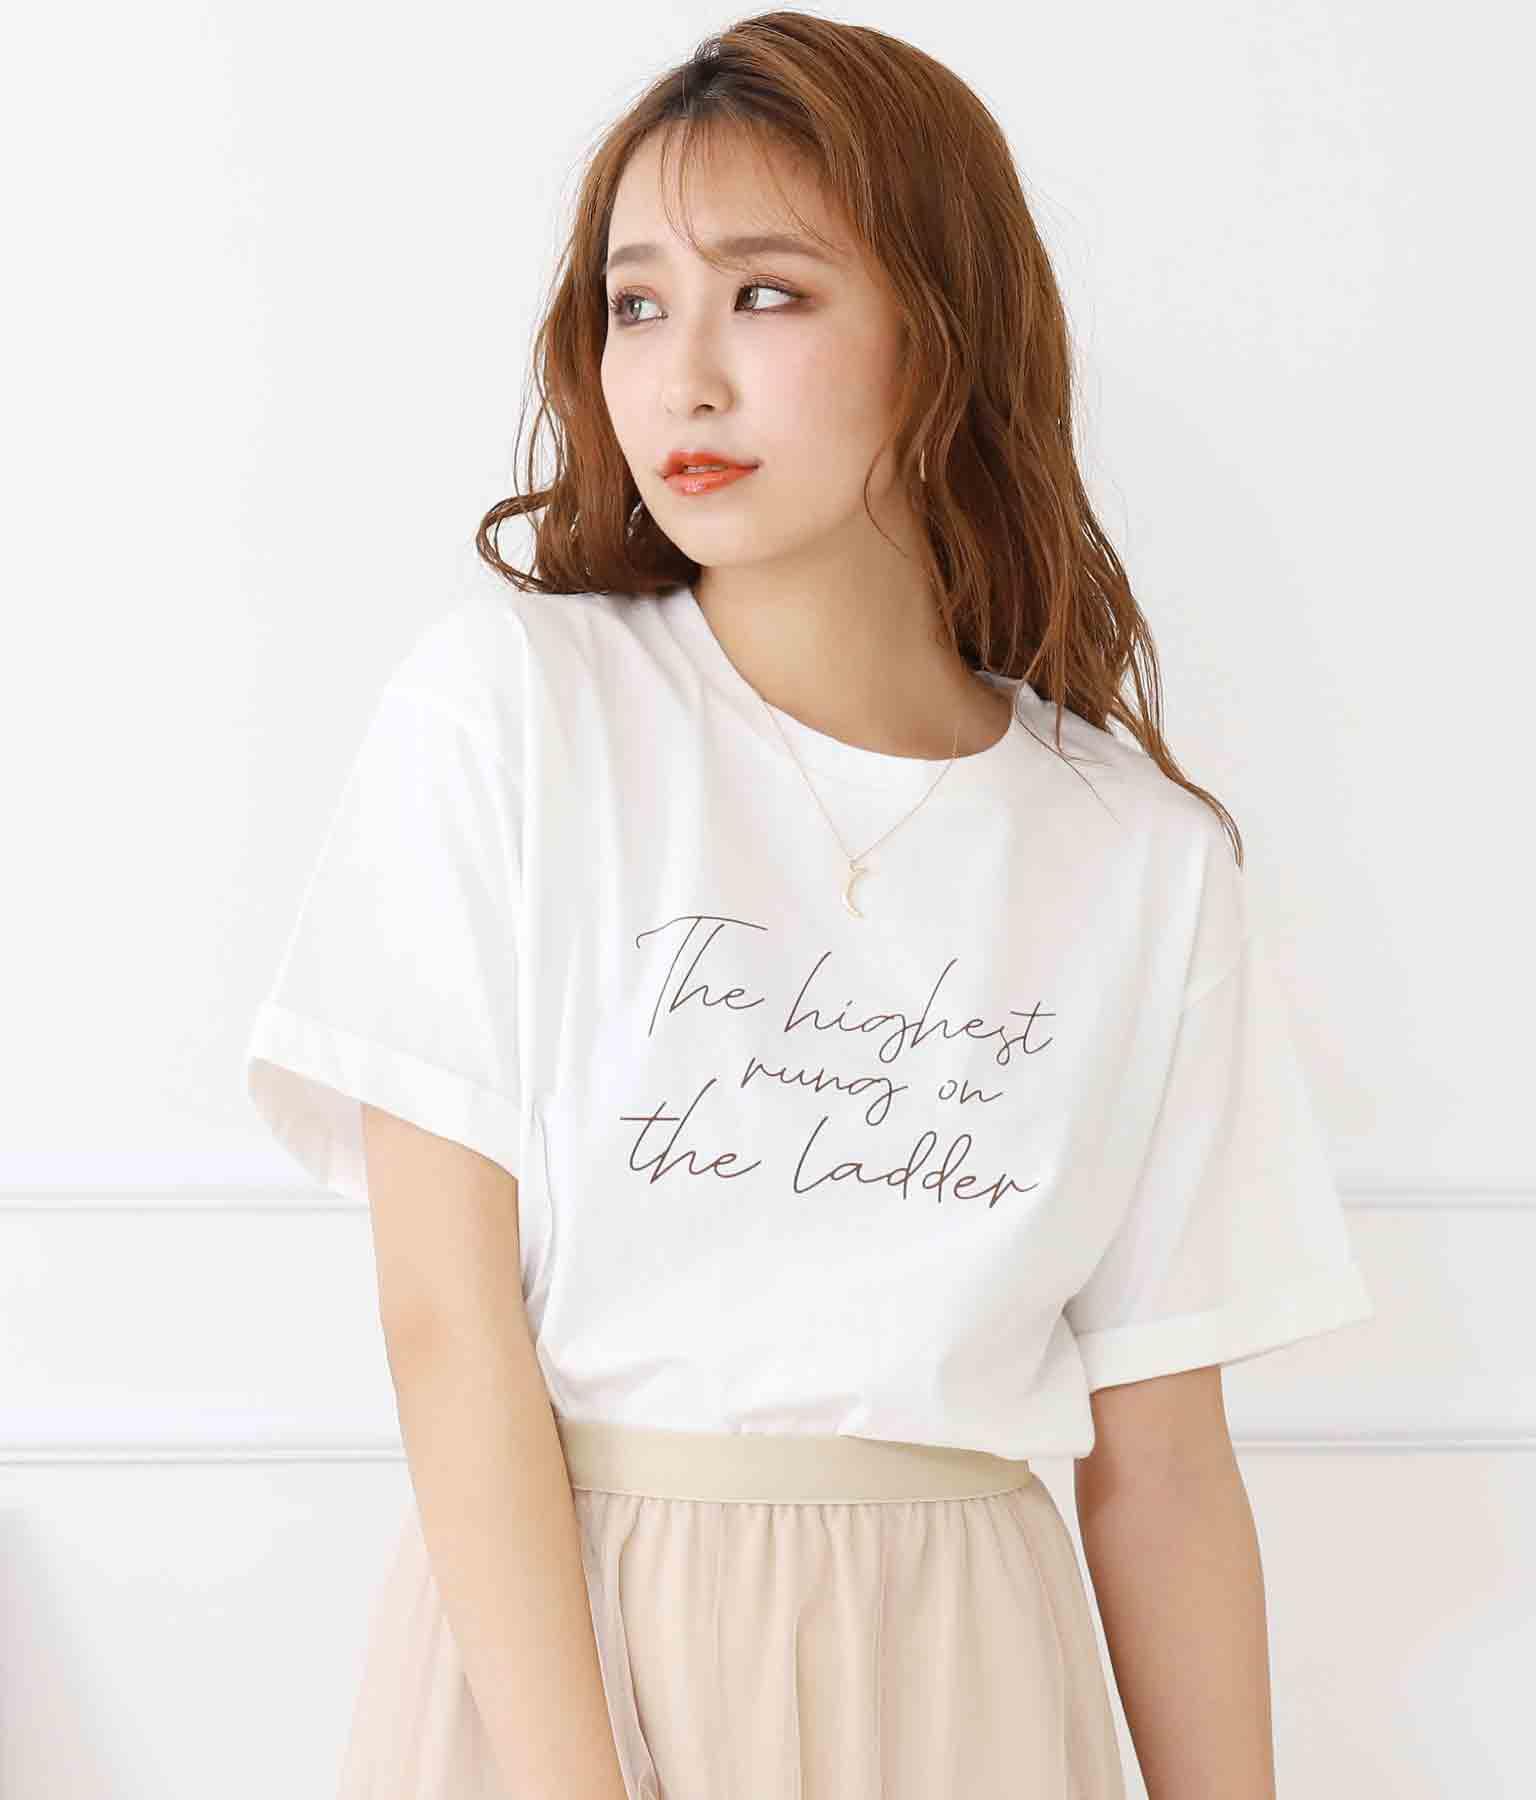 メッセージカラープリントTシャツ | CHILLE